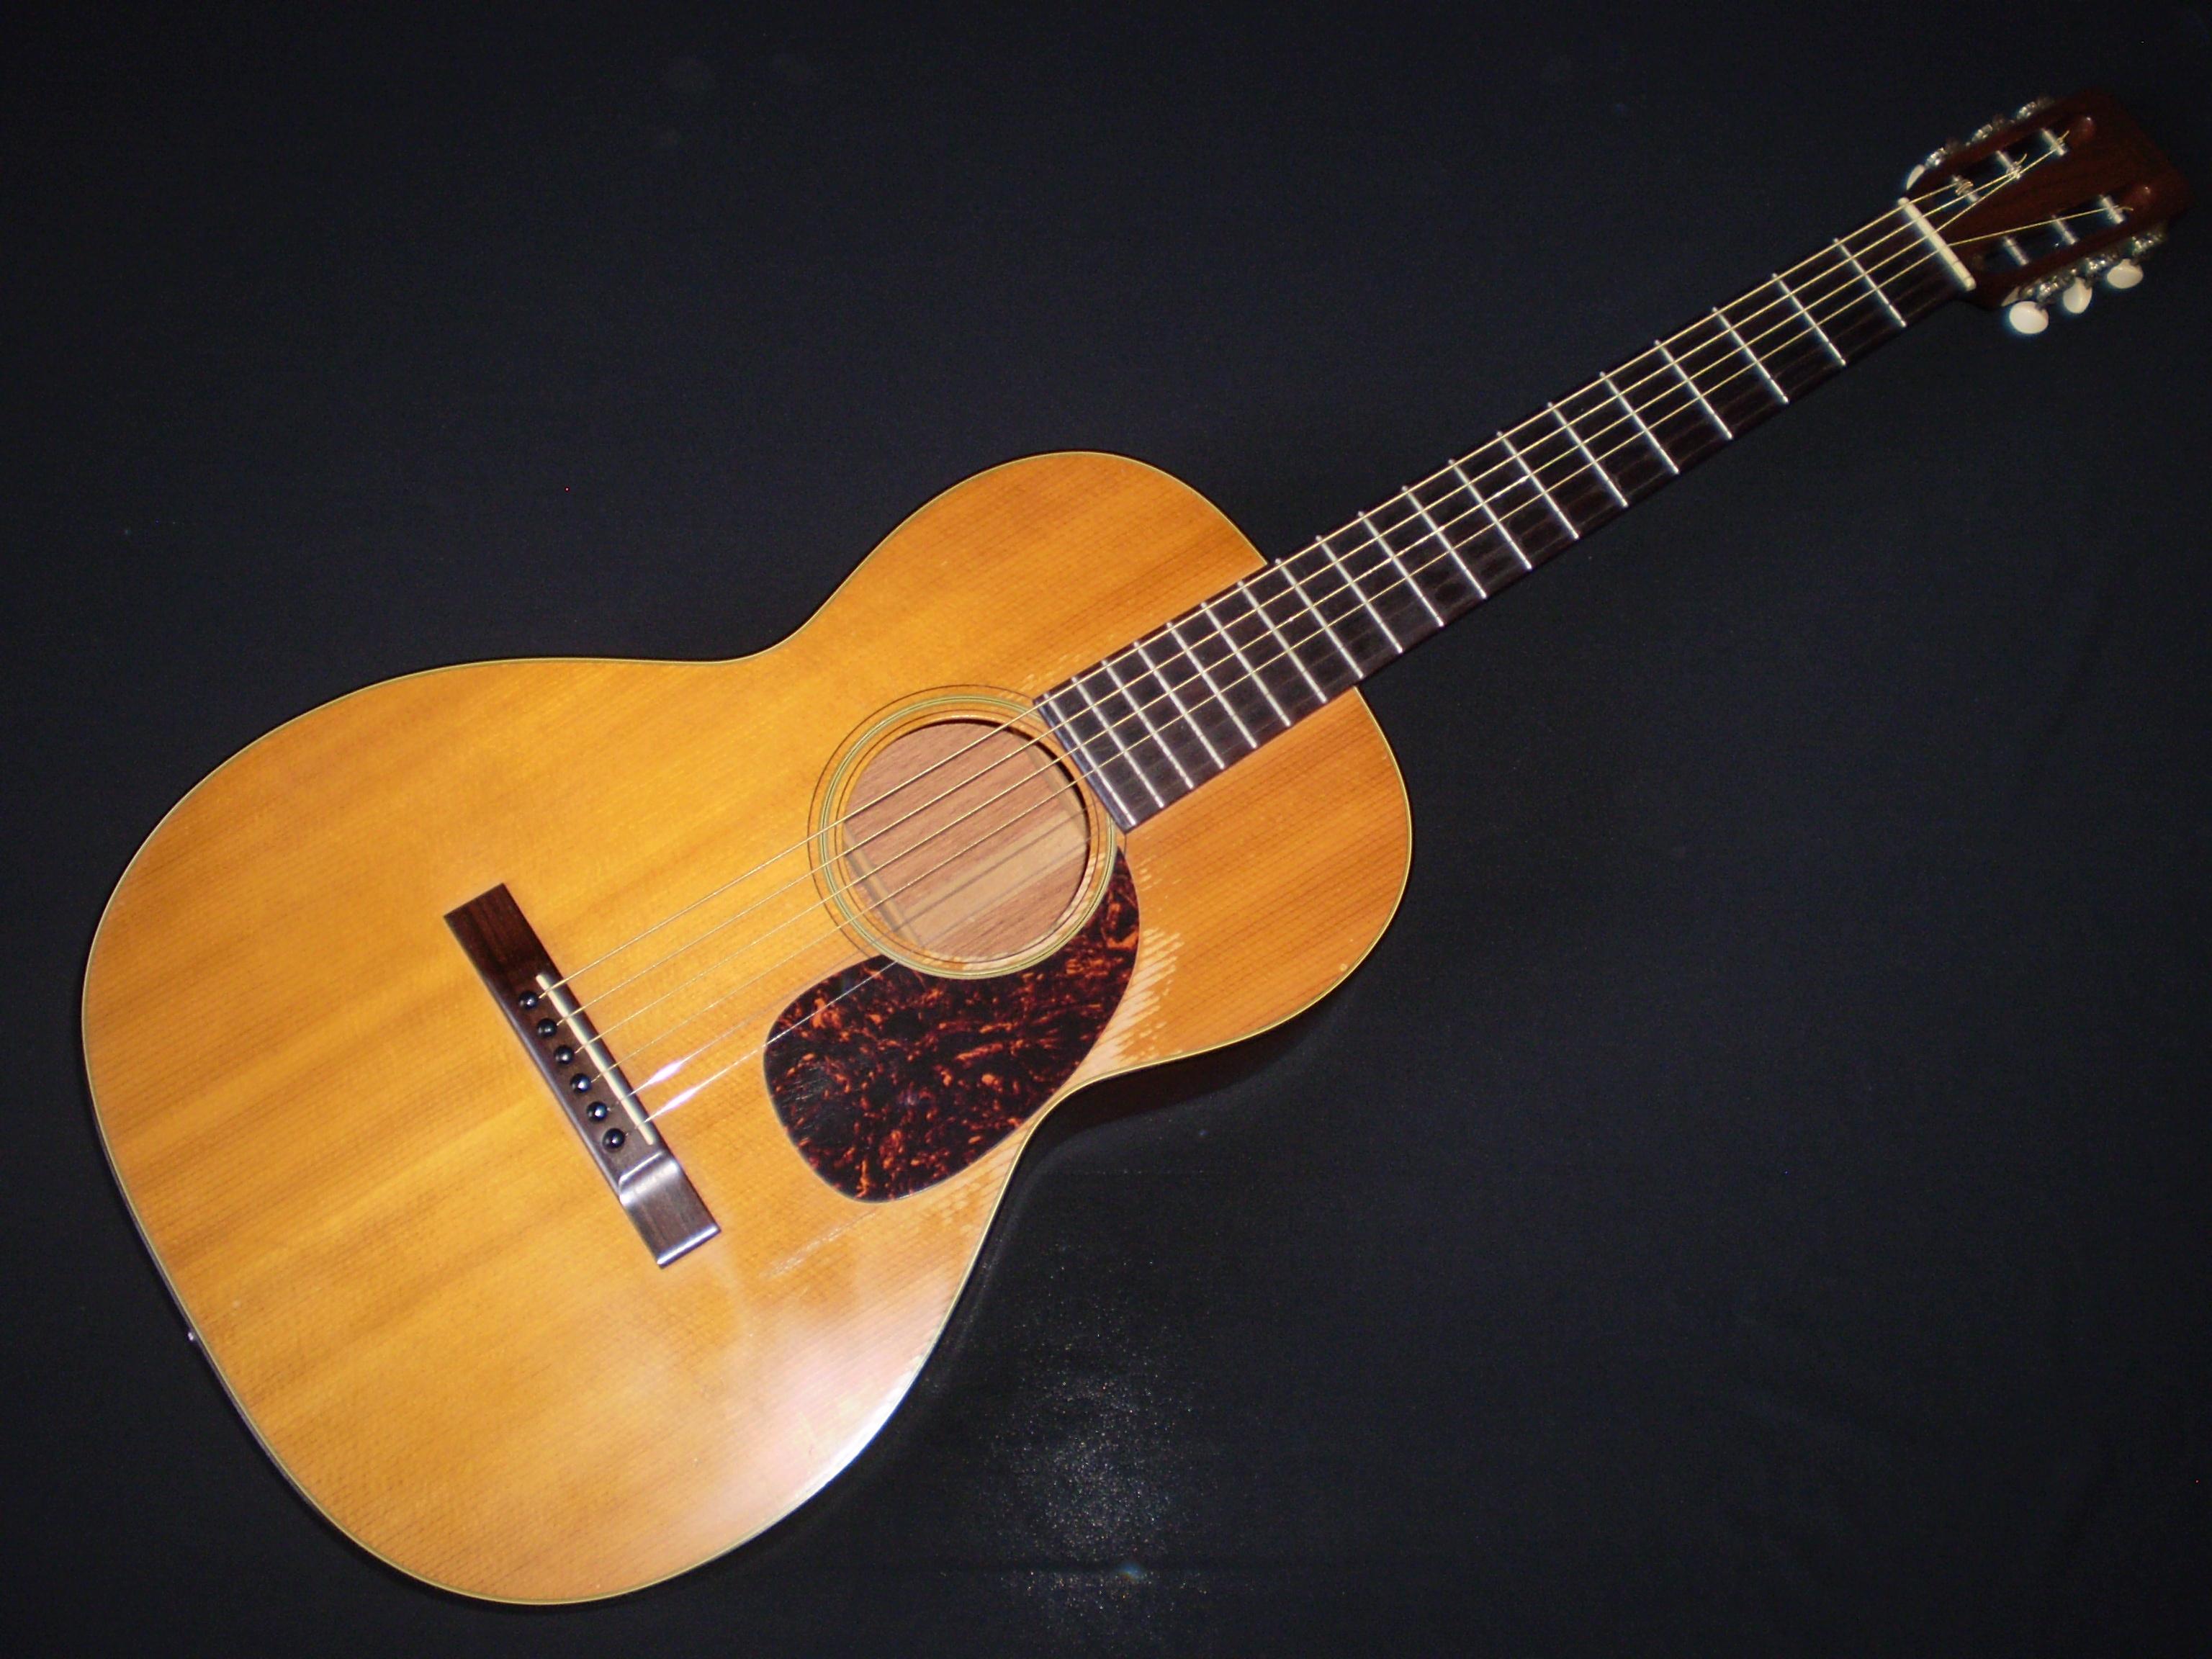 martin 016ny 1970 natural guitar for sale glenns guitars. Black Bedroom Furniture Sets. Home Design Ideas